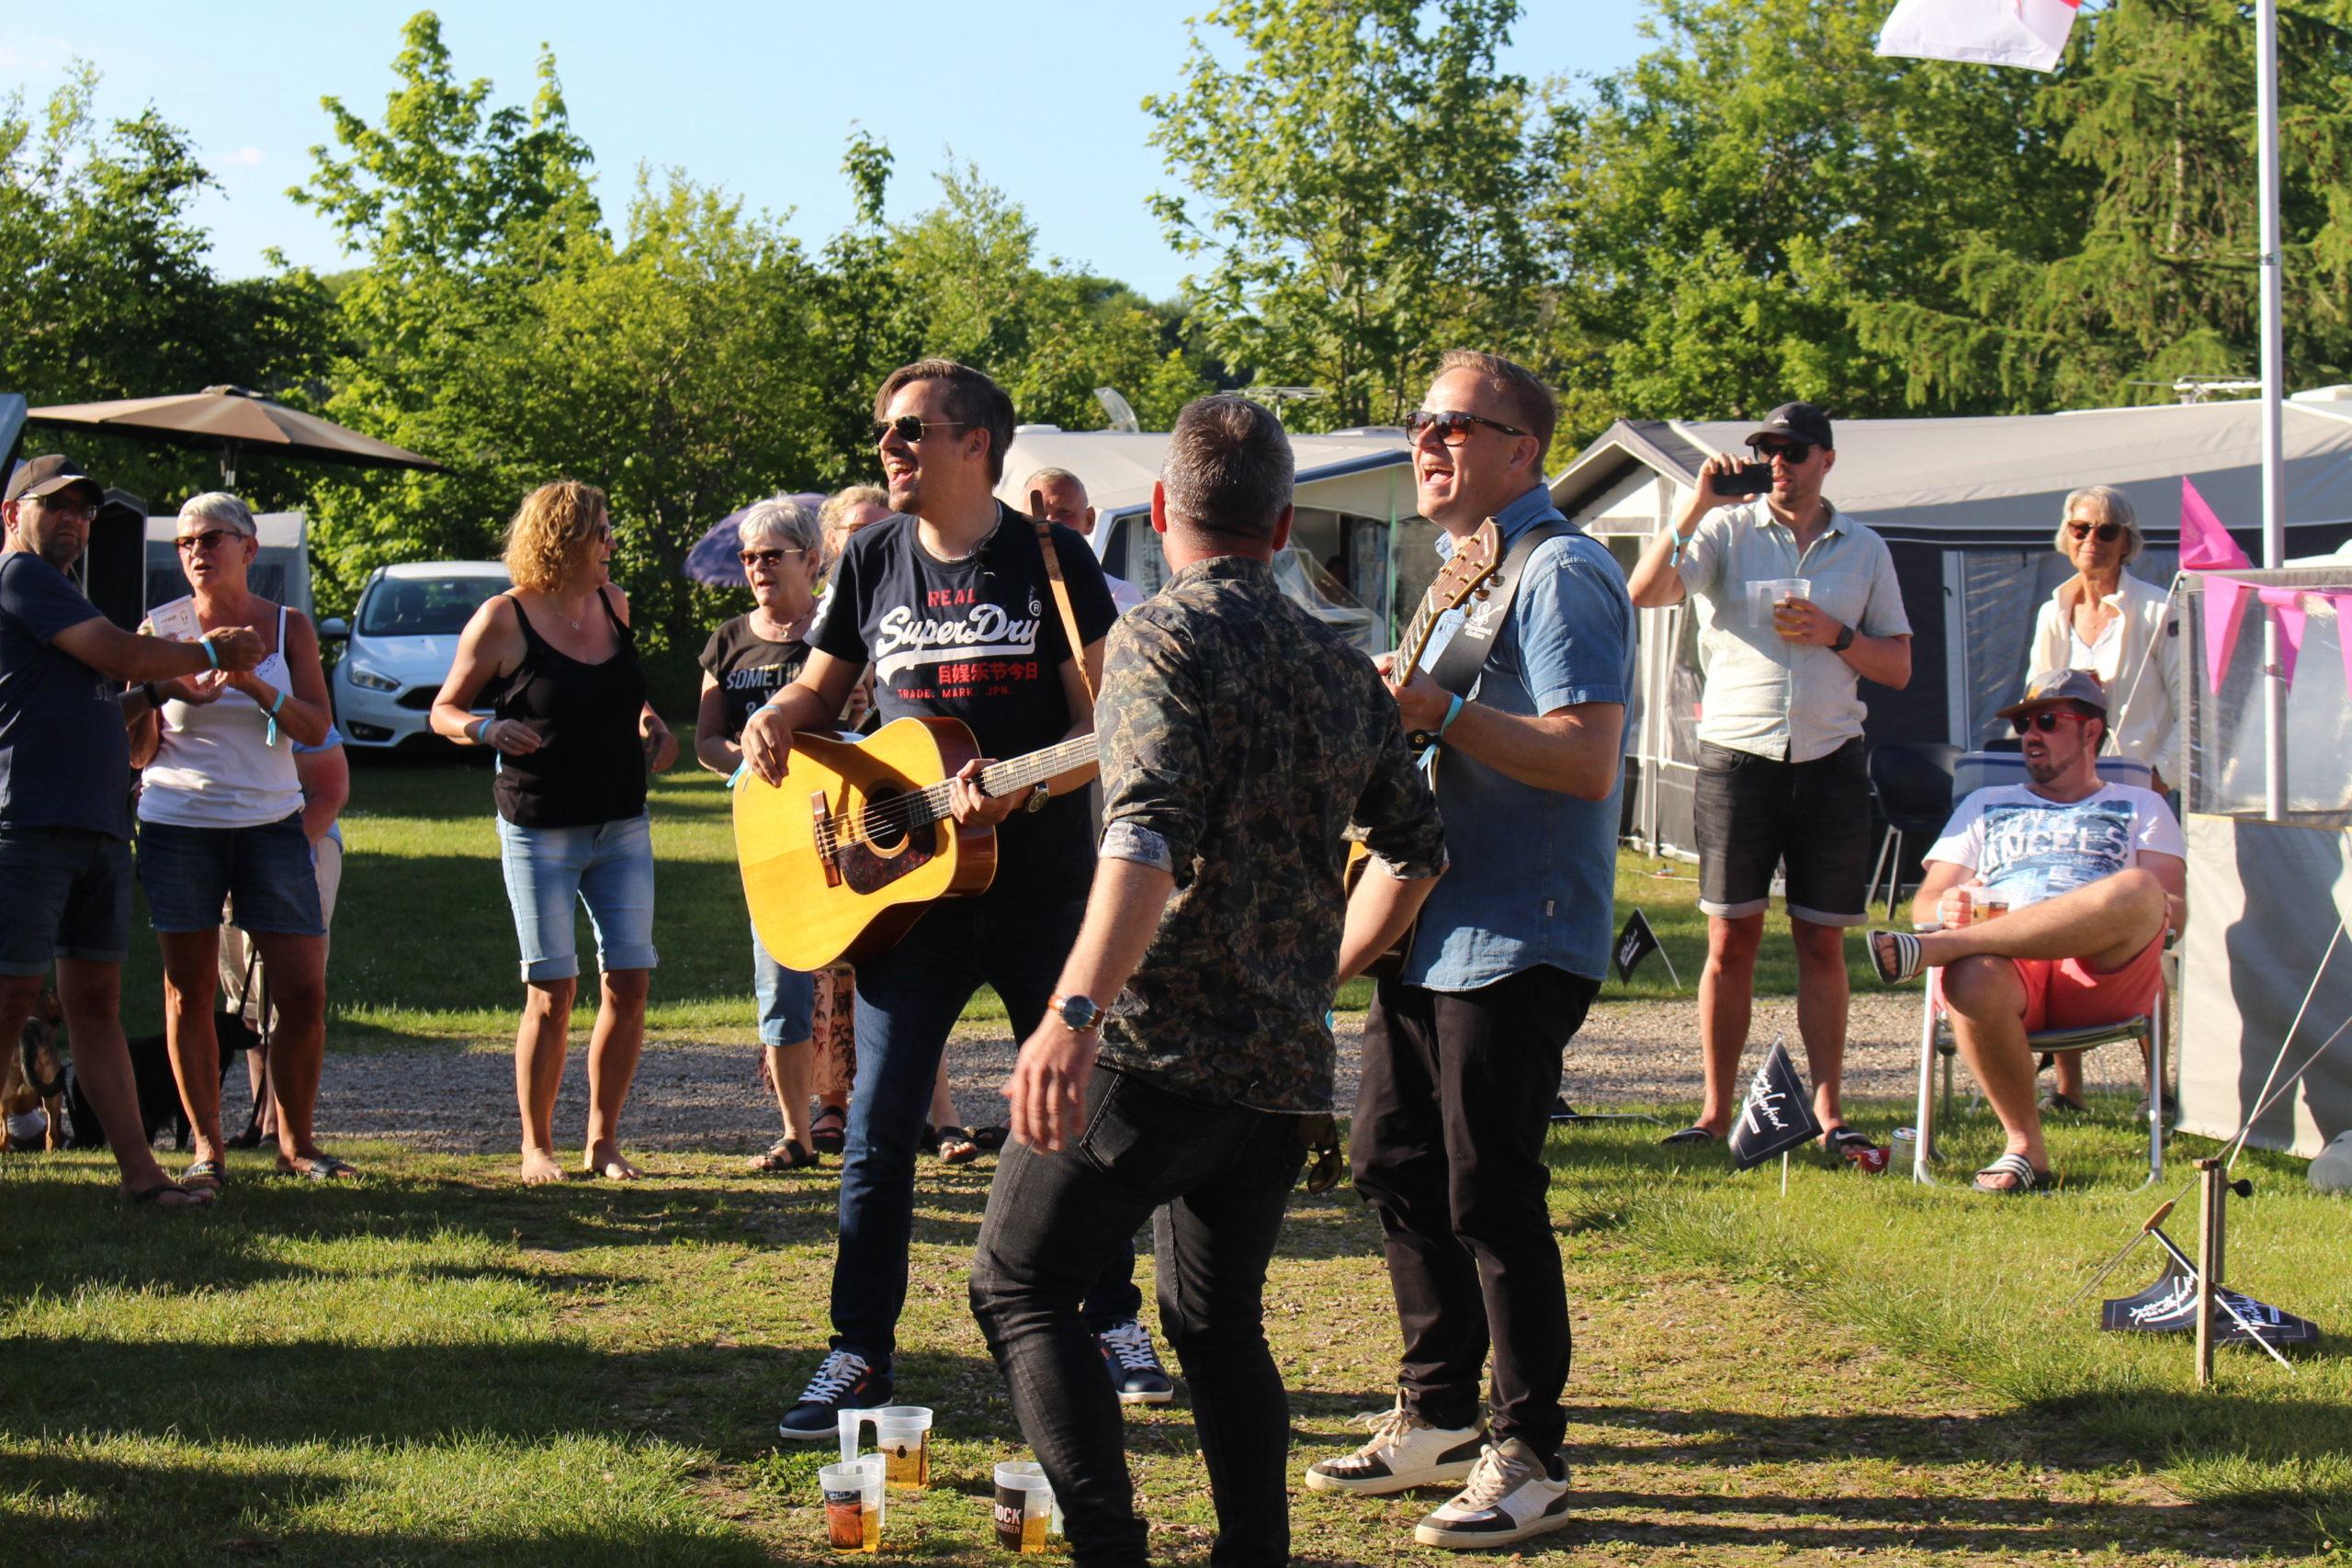 Live musik på Fårup Sø Camping beliggende I Jelling under Jelling Musikfestival